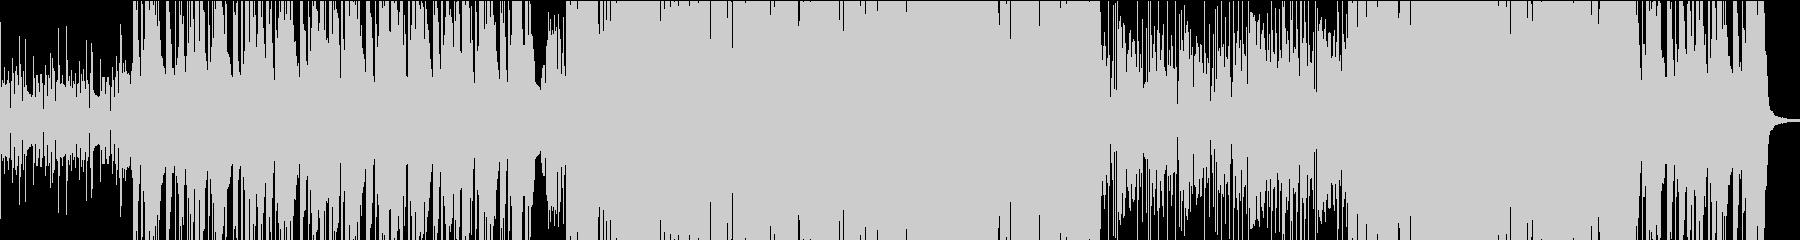 ファンク ポジティブ 明るい 劇的...の未再生の波形